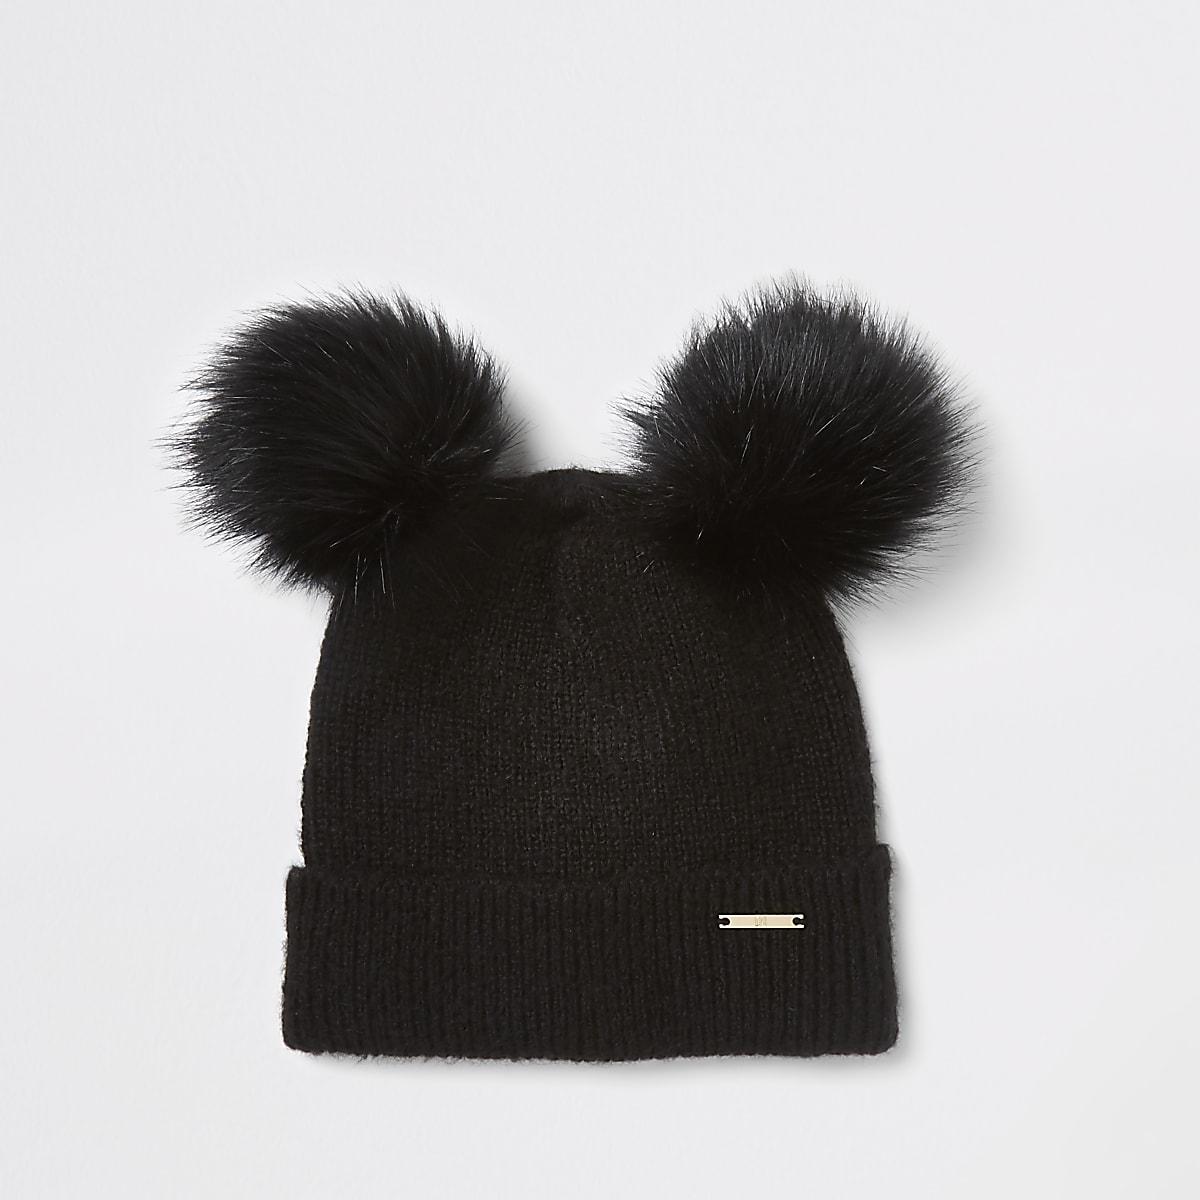 5f55af82e7c67 Black faux fur double pom pom beanie hat - Hats - Accessories - women